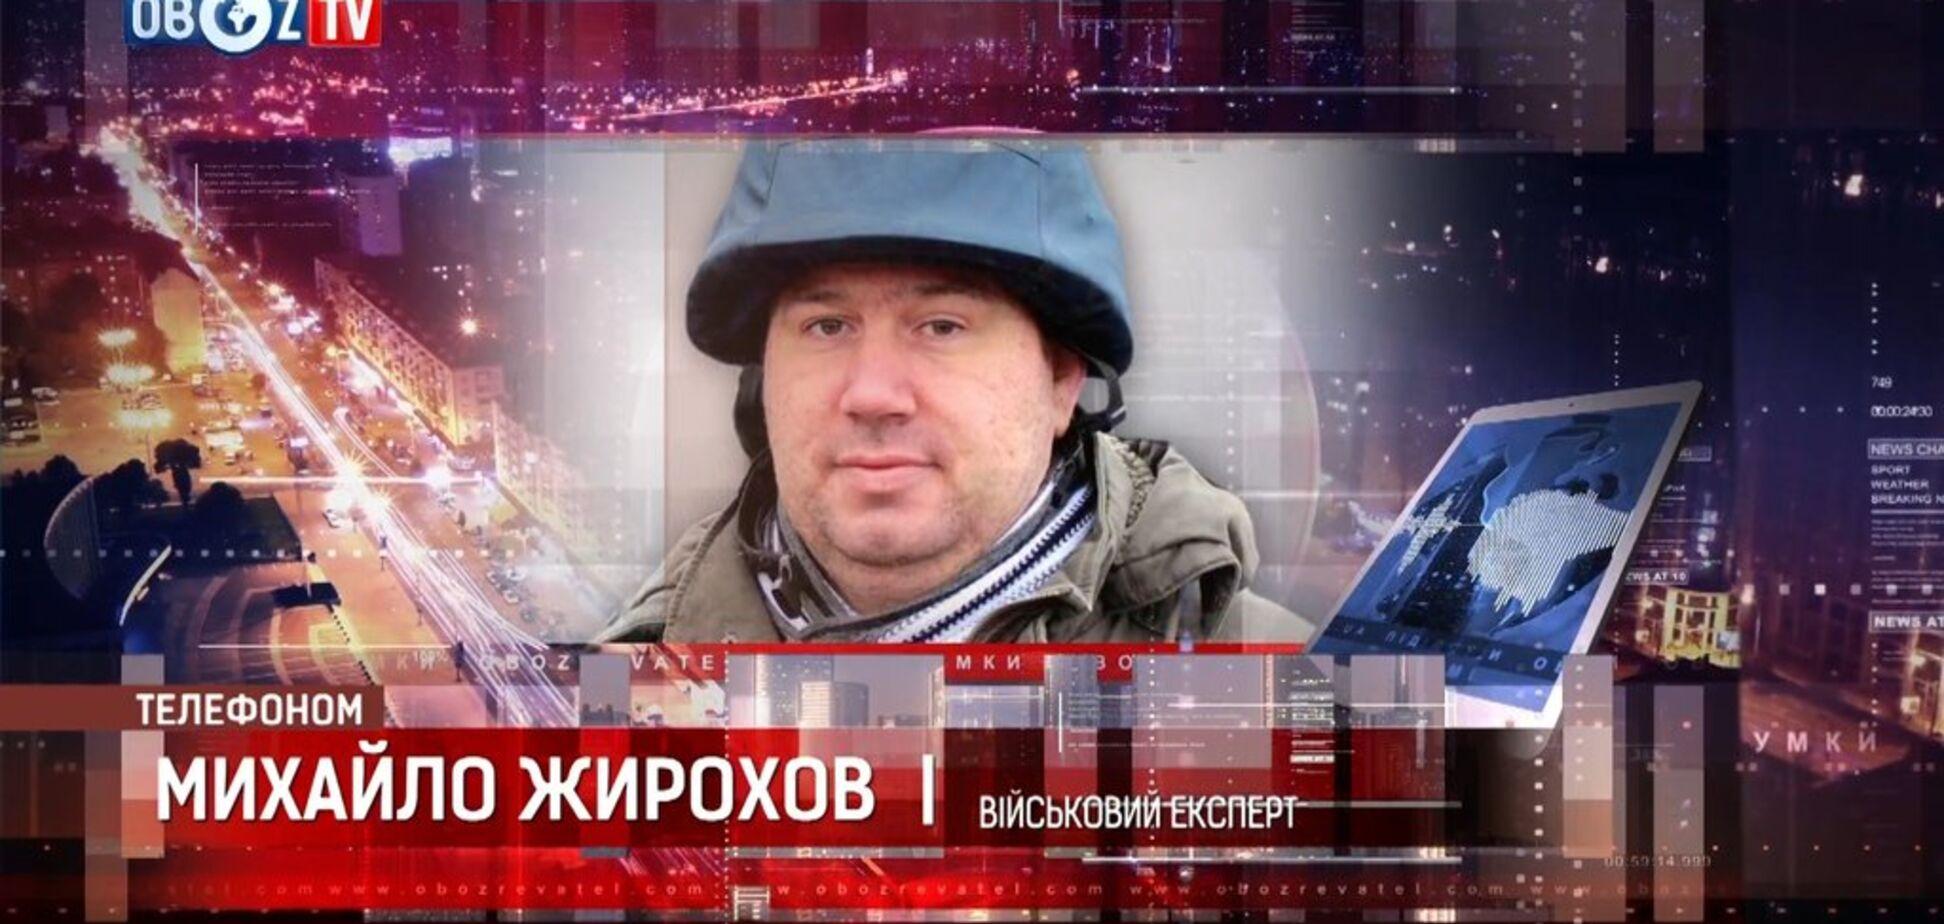 Кораблі НАТО в Чорному морі: військовий експерт пояснив, що це означає для Росії